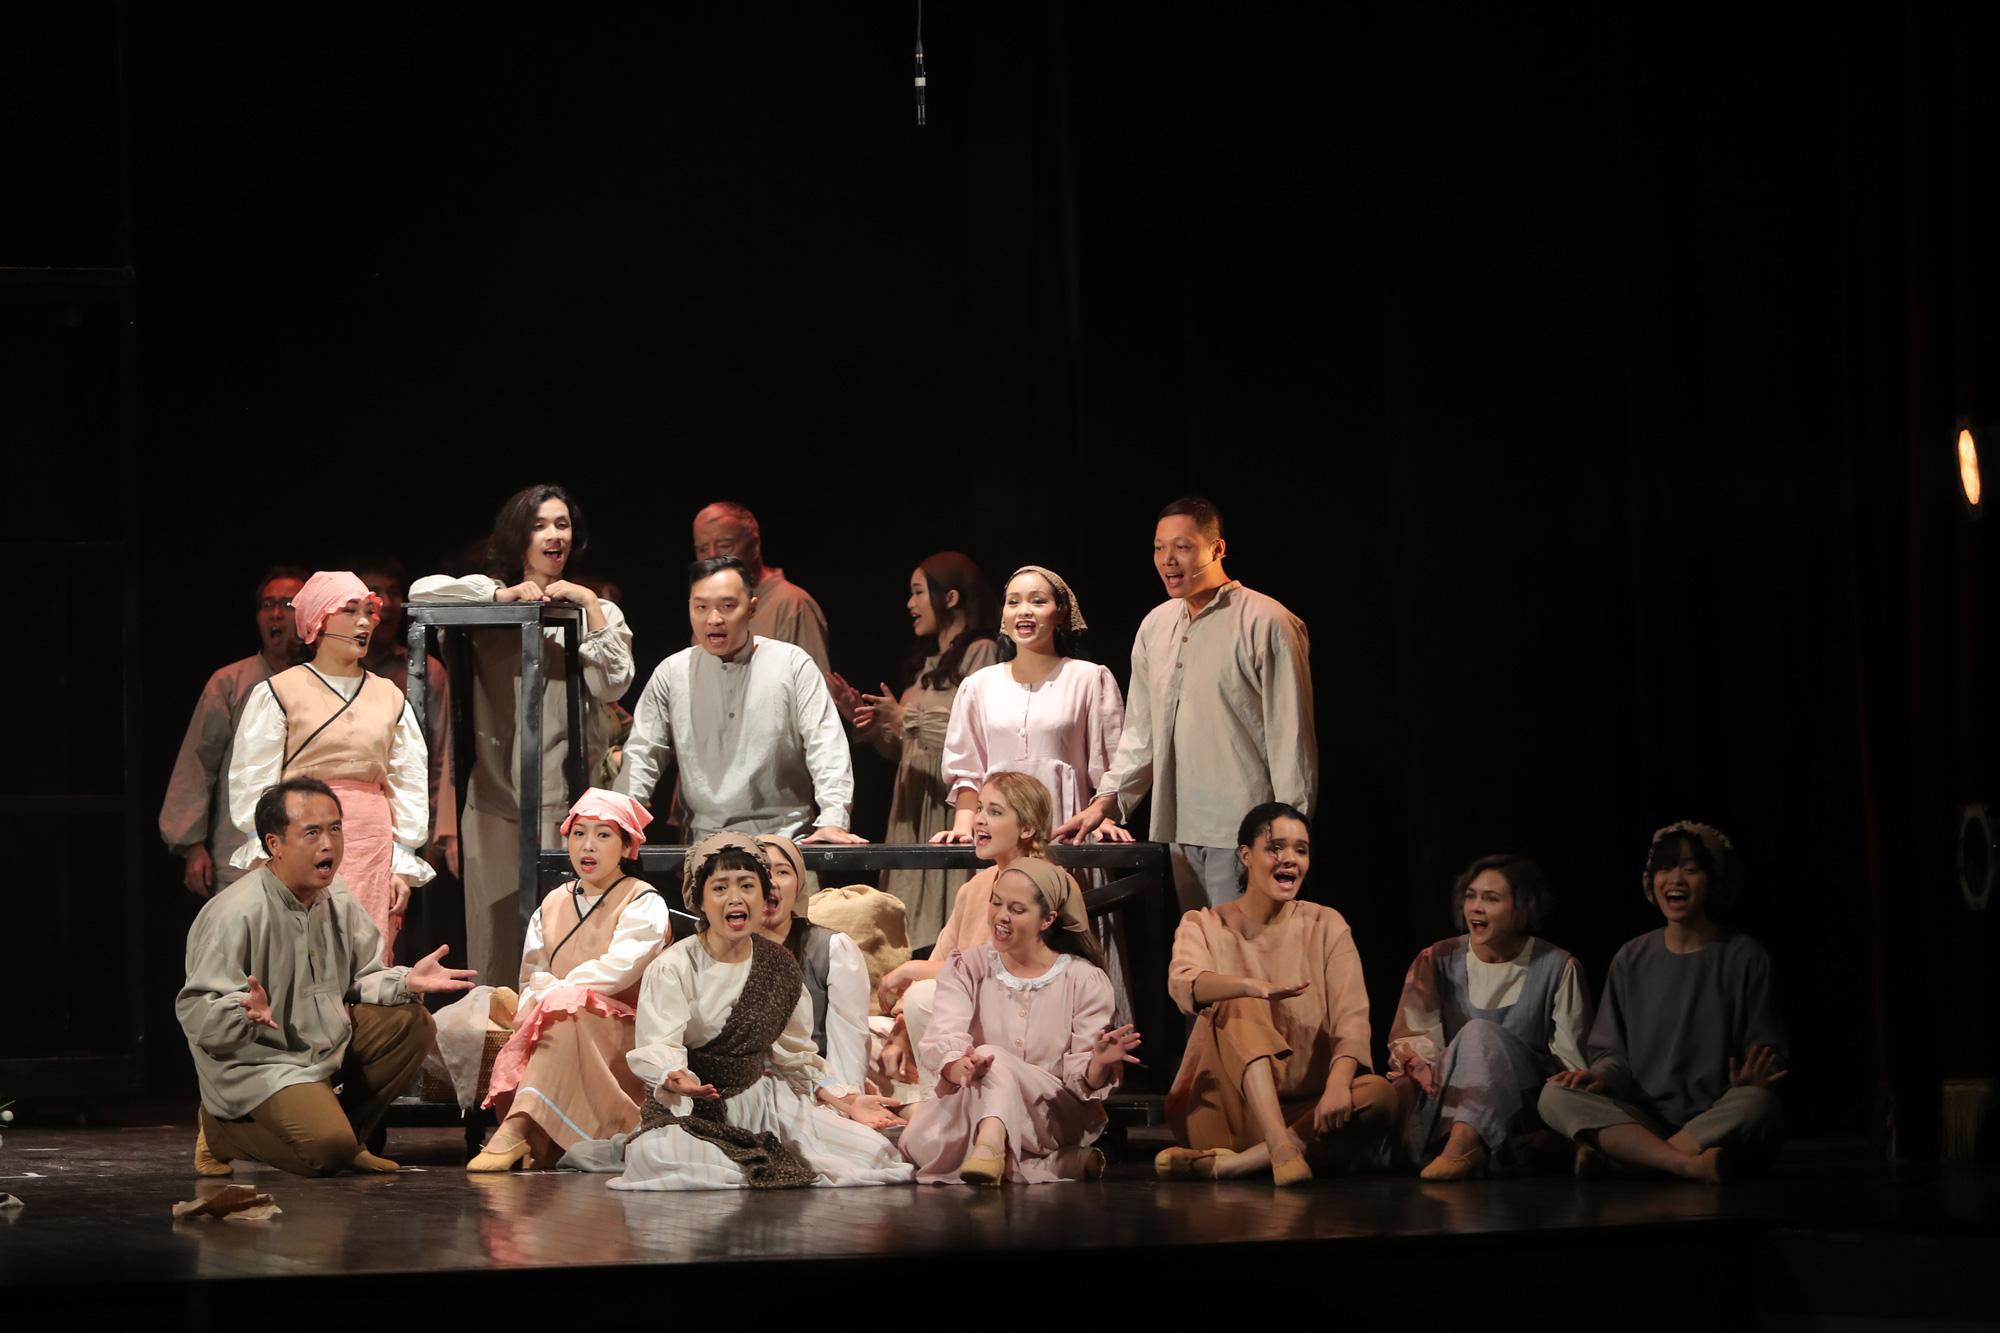 Sân khấu vượt khó thời COVID-19, sáng tạo để đến với khán giả